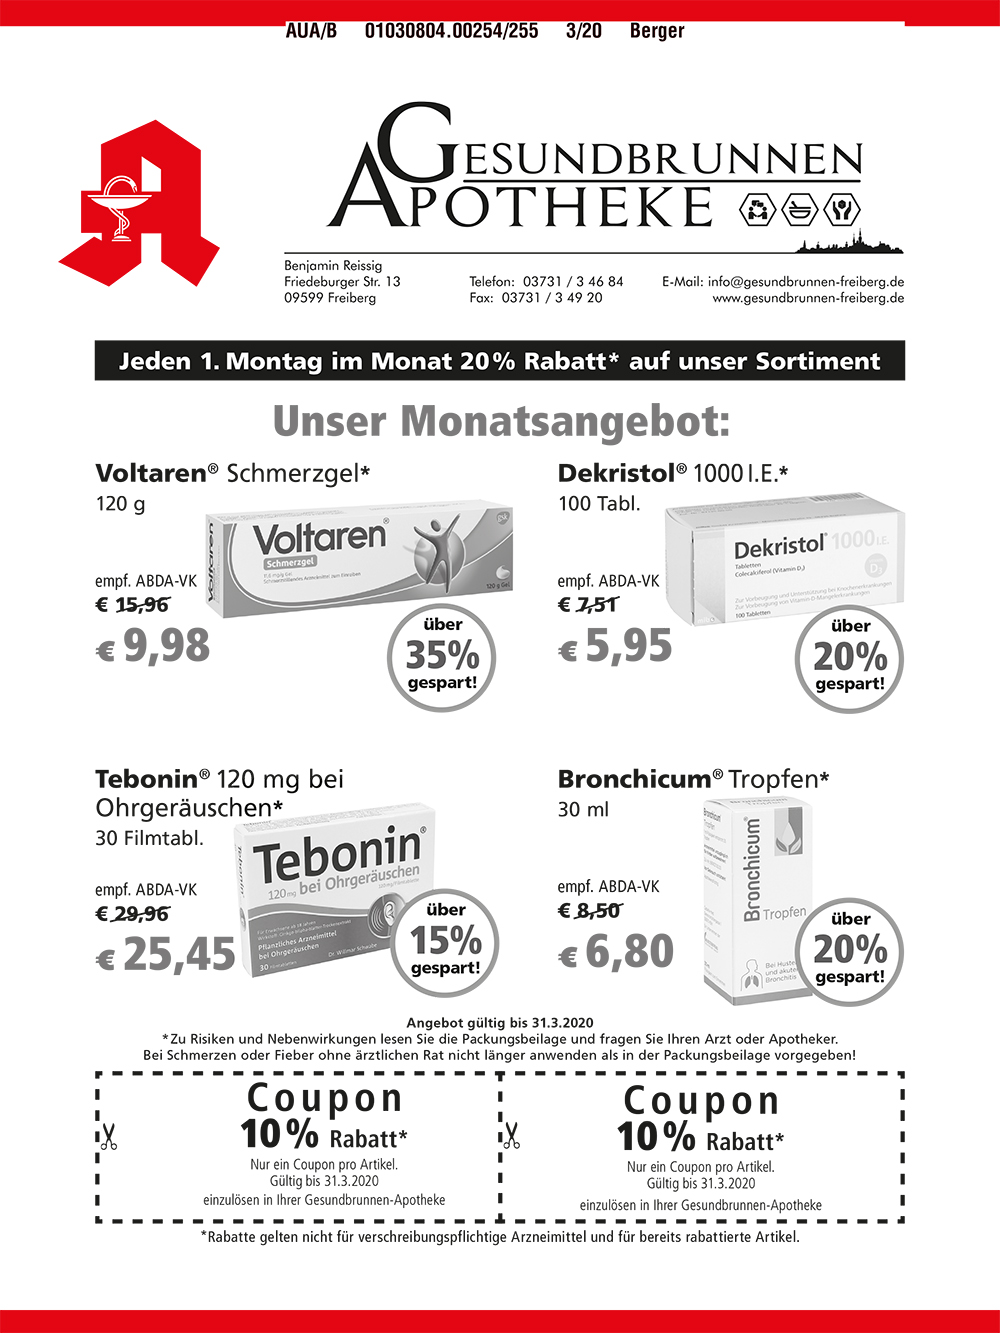 https://www-apotheken-de.apocdn.net/fileadmin/clubarea/00000-Angebote/09599_16486_gesundbrunnen_angebot_1.jpg